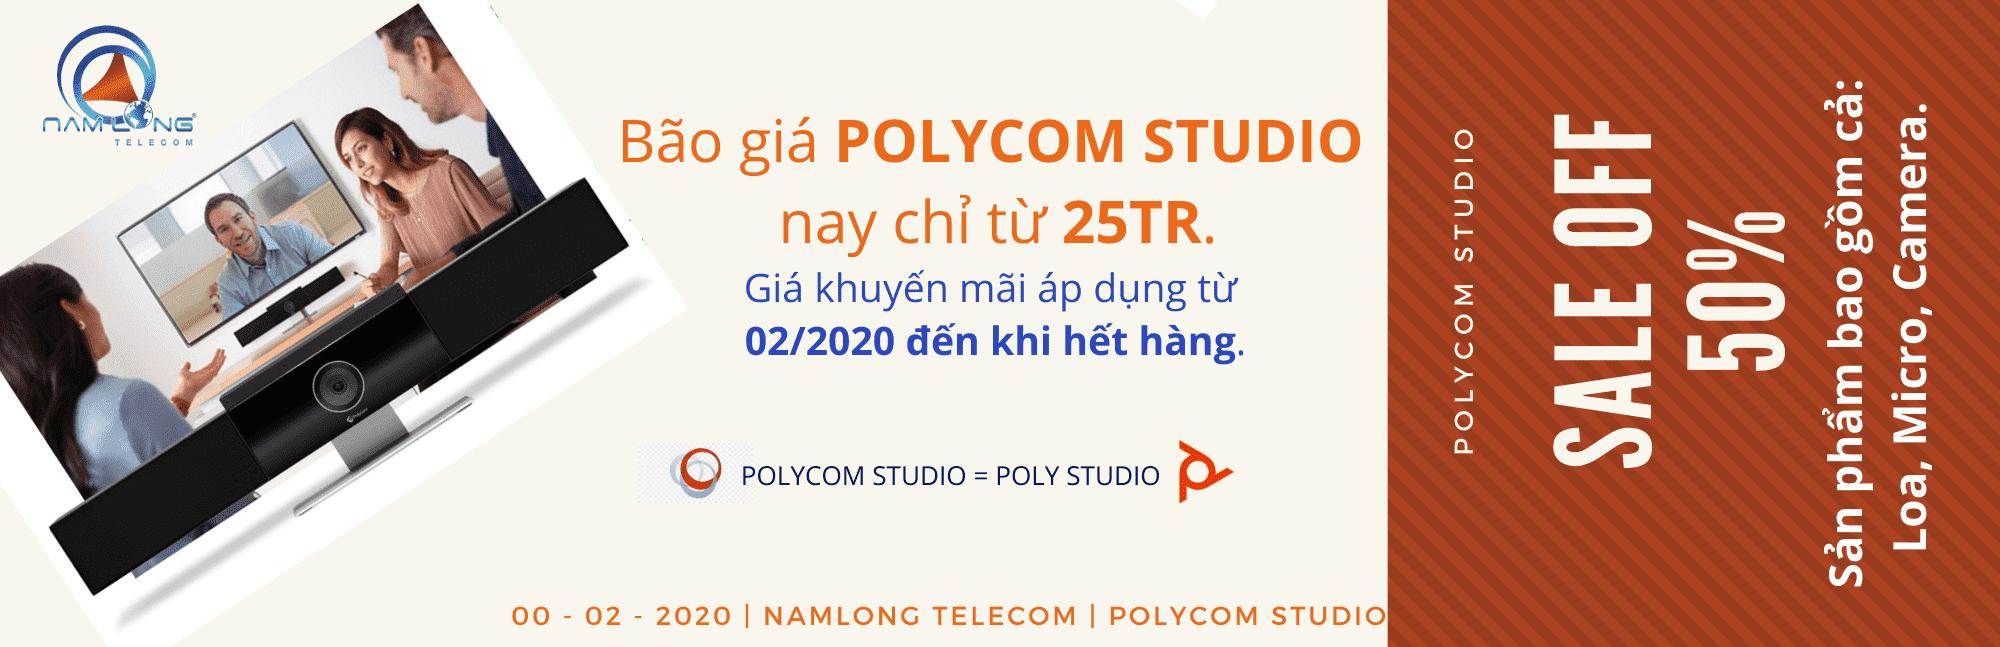 Polycom Studio – Chất Lượng Cuộc Họp 4K – Bão giá chỉ từ 25tr